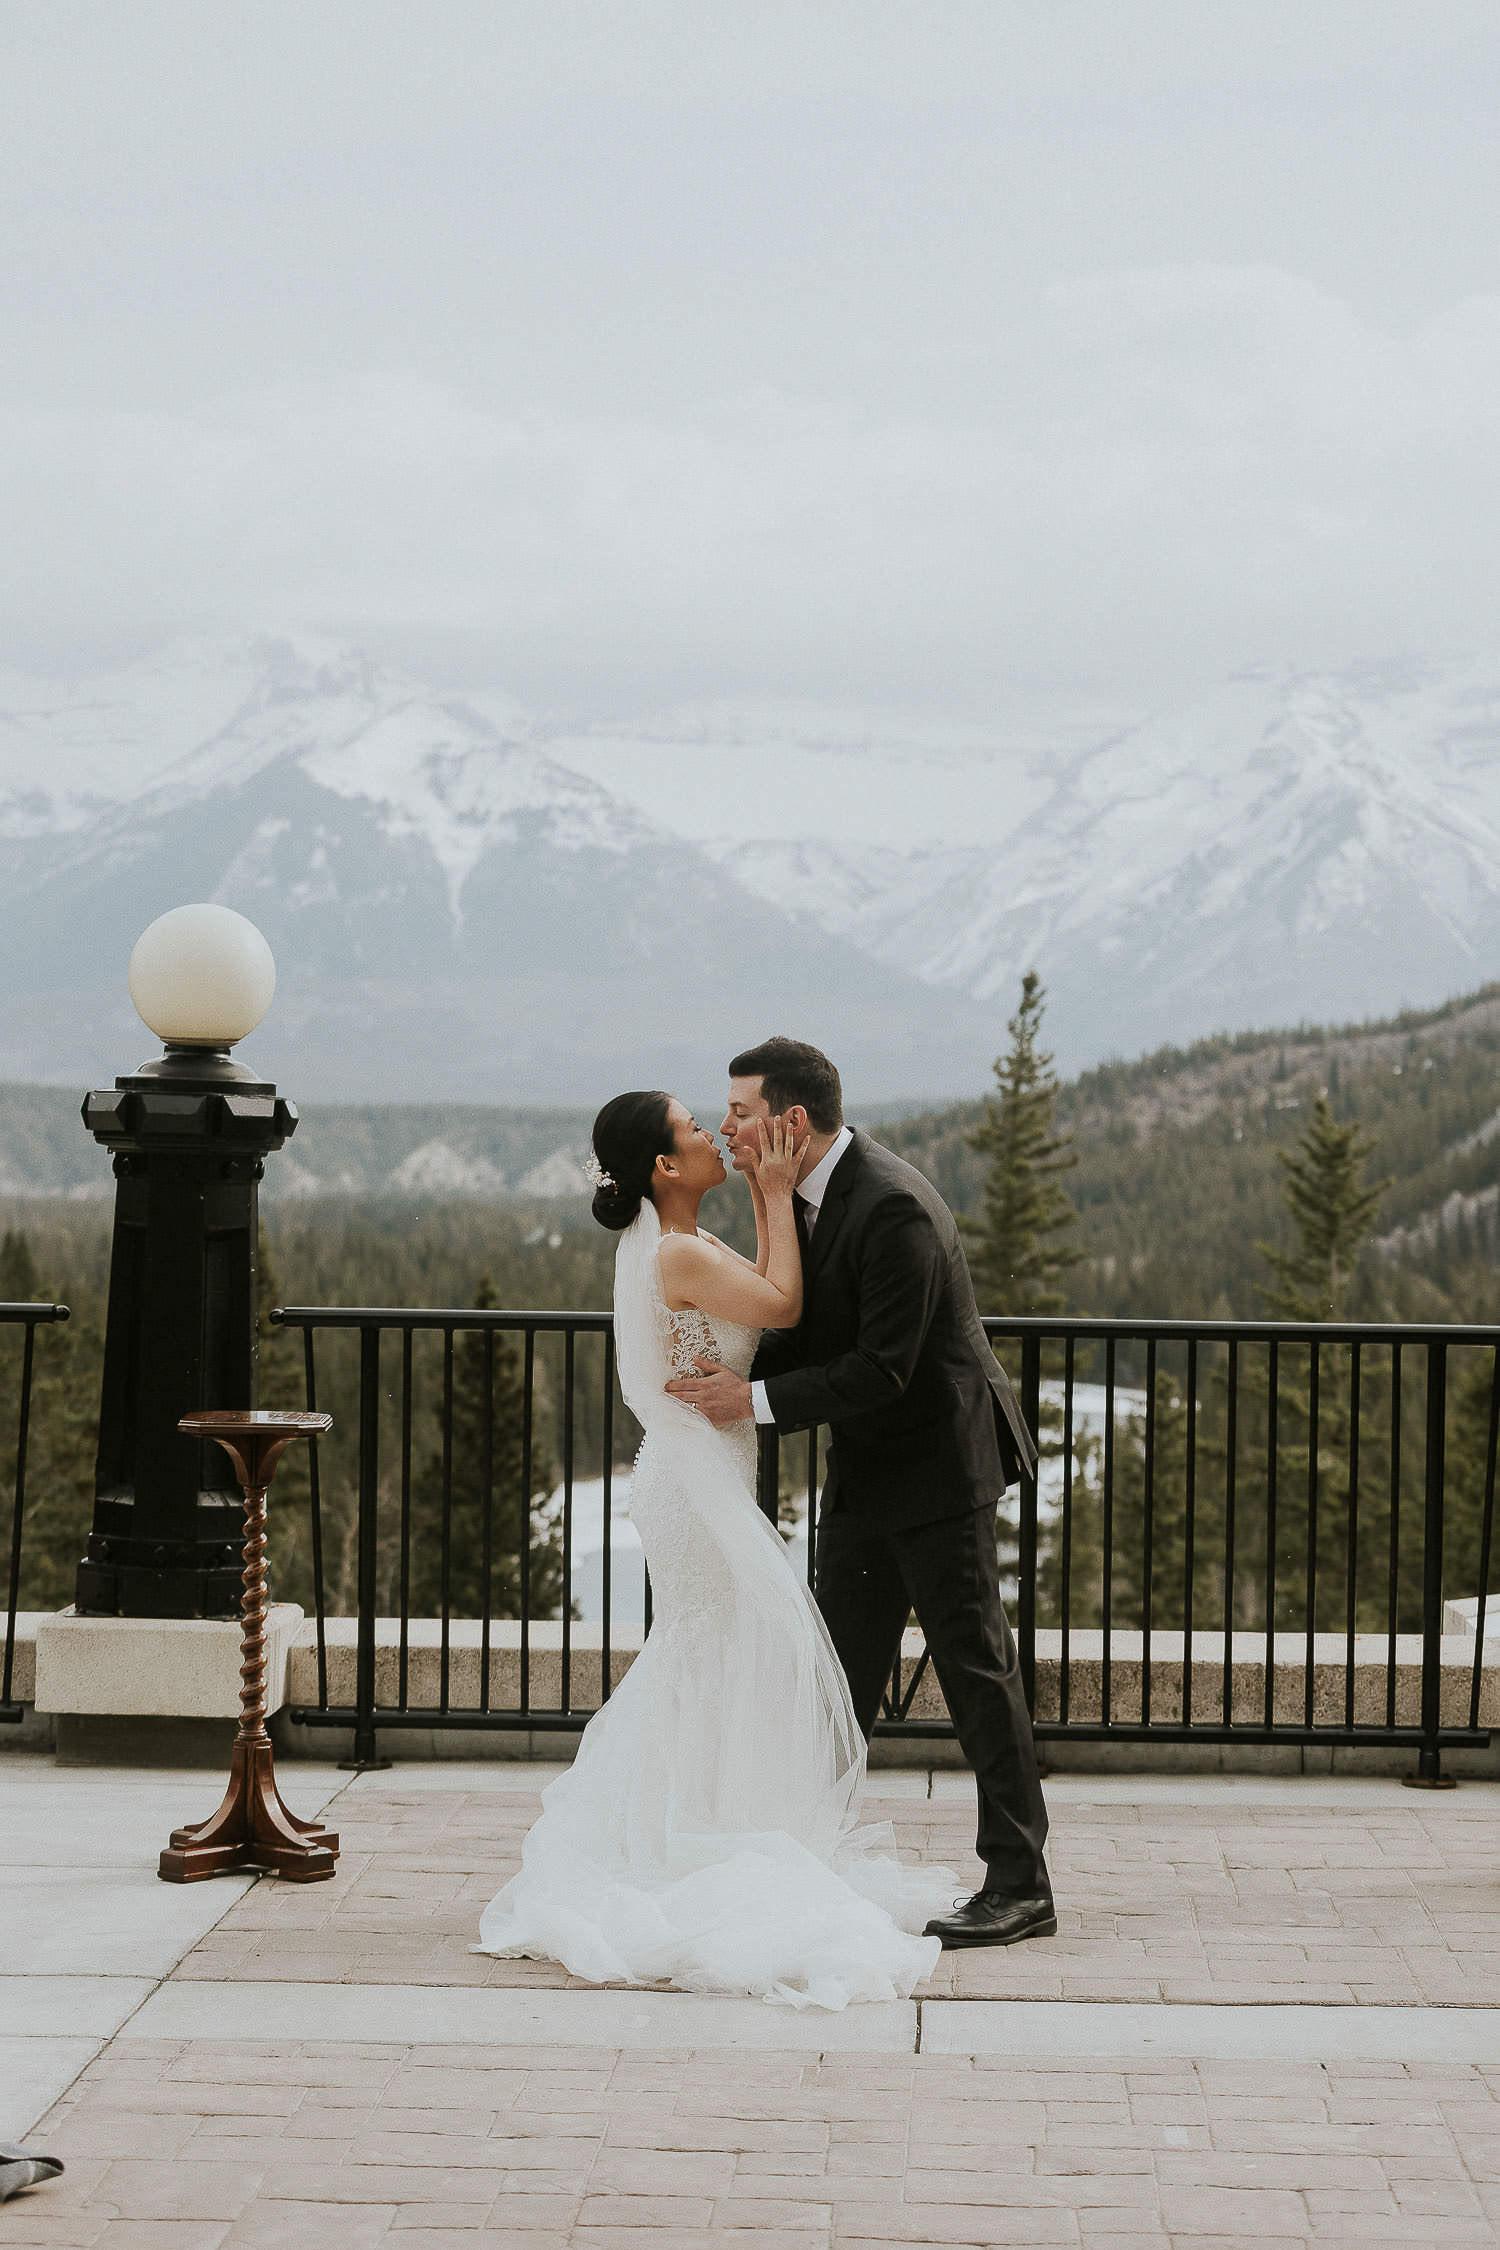 intimate-wedding-at-banff-springs-hotel-sarah-pukin-0098